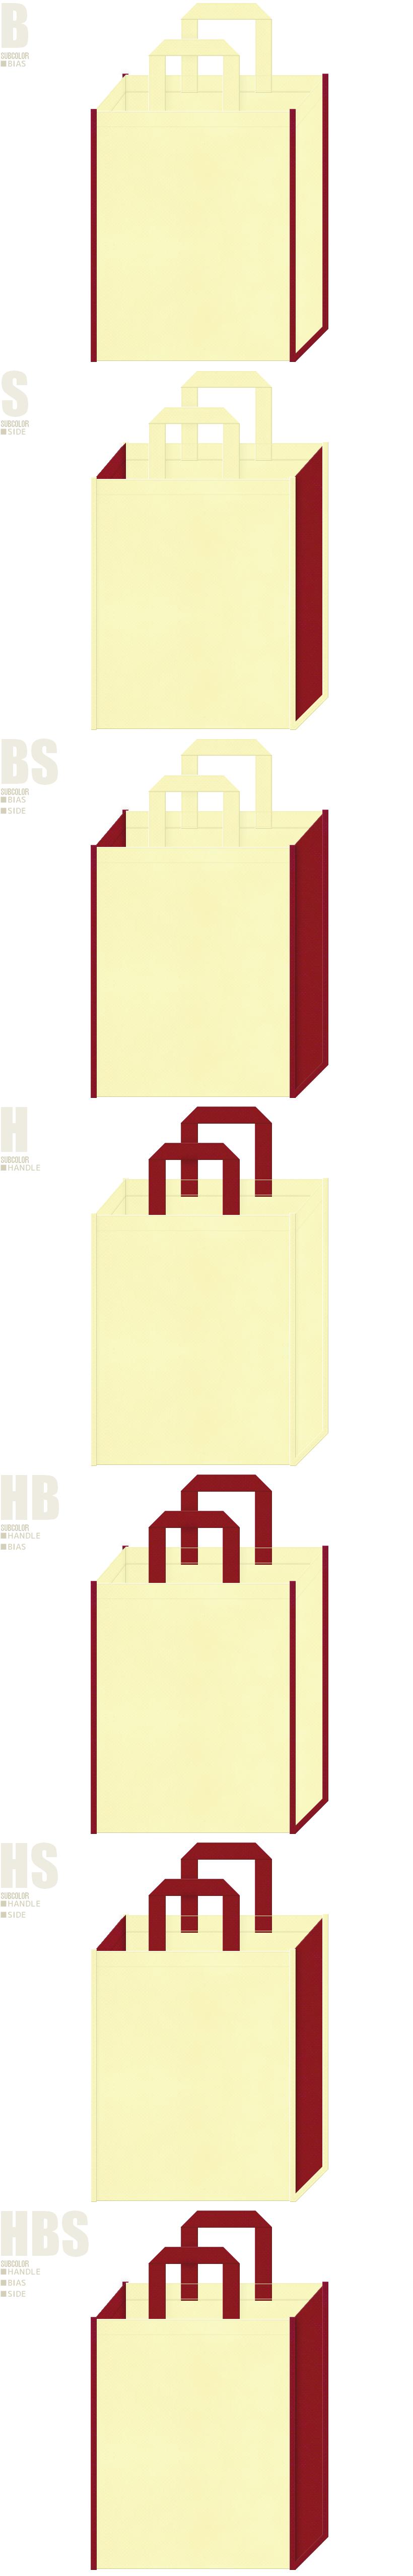 学校・オープンキャンパス・学習塾・レッスンバッグ・海老せんべい・海老フライ・和菓子・和風催事にお奨めの不織布バッグデザイン:薄黄色とエンジ色の配色7パターン。